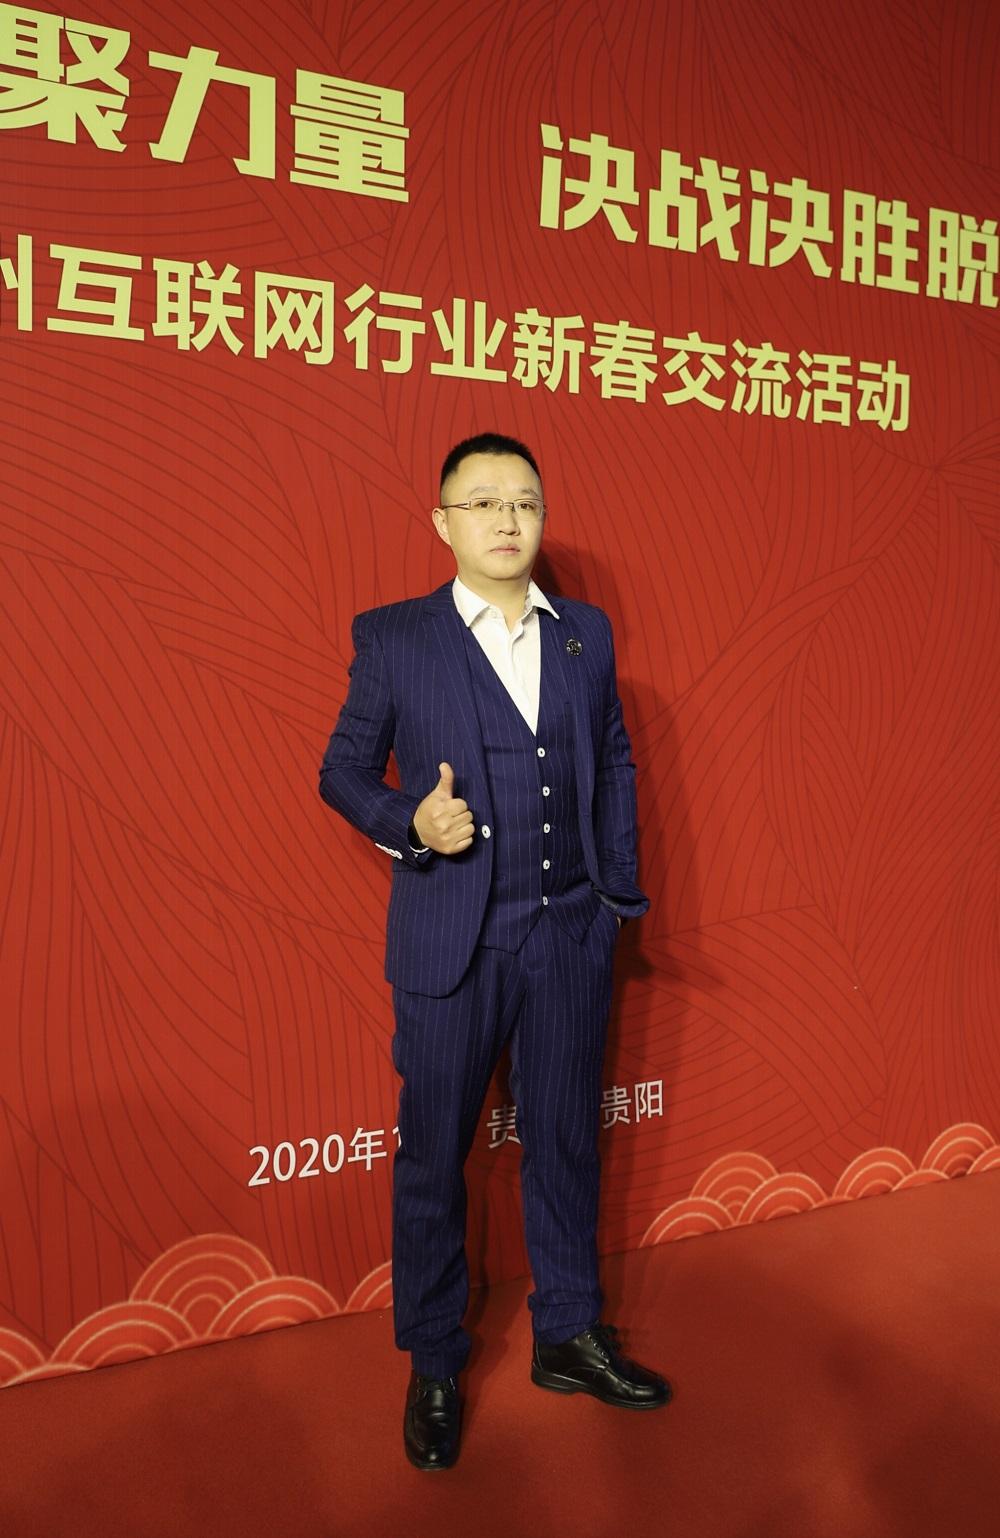 2020年度贵州省绿色网络文化工作室名单揭晓 鼎道传媒(贵州网)上榜